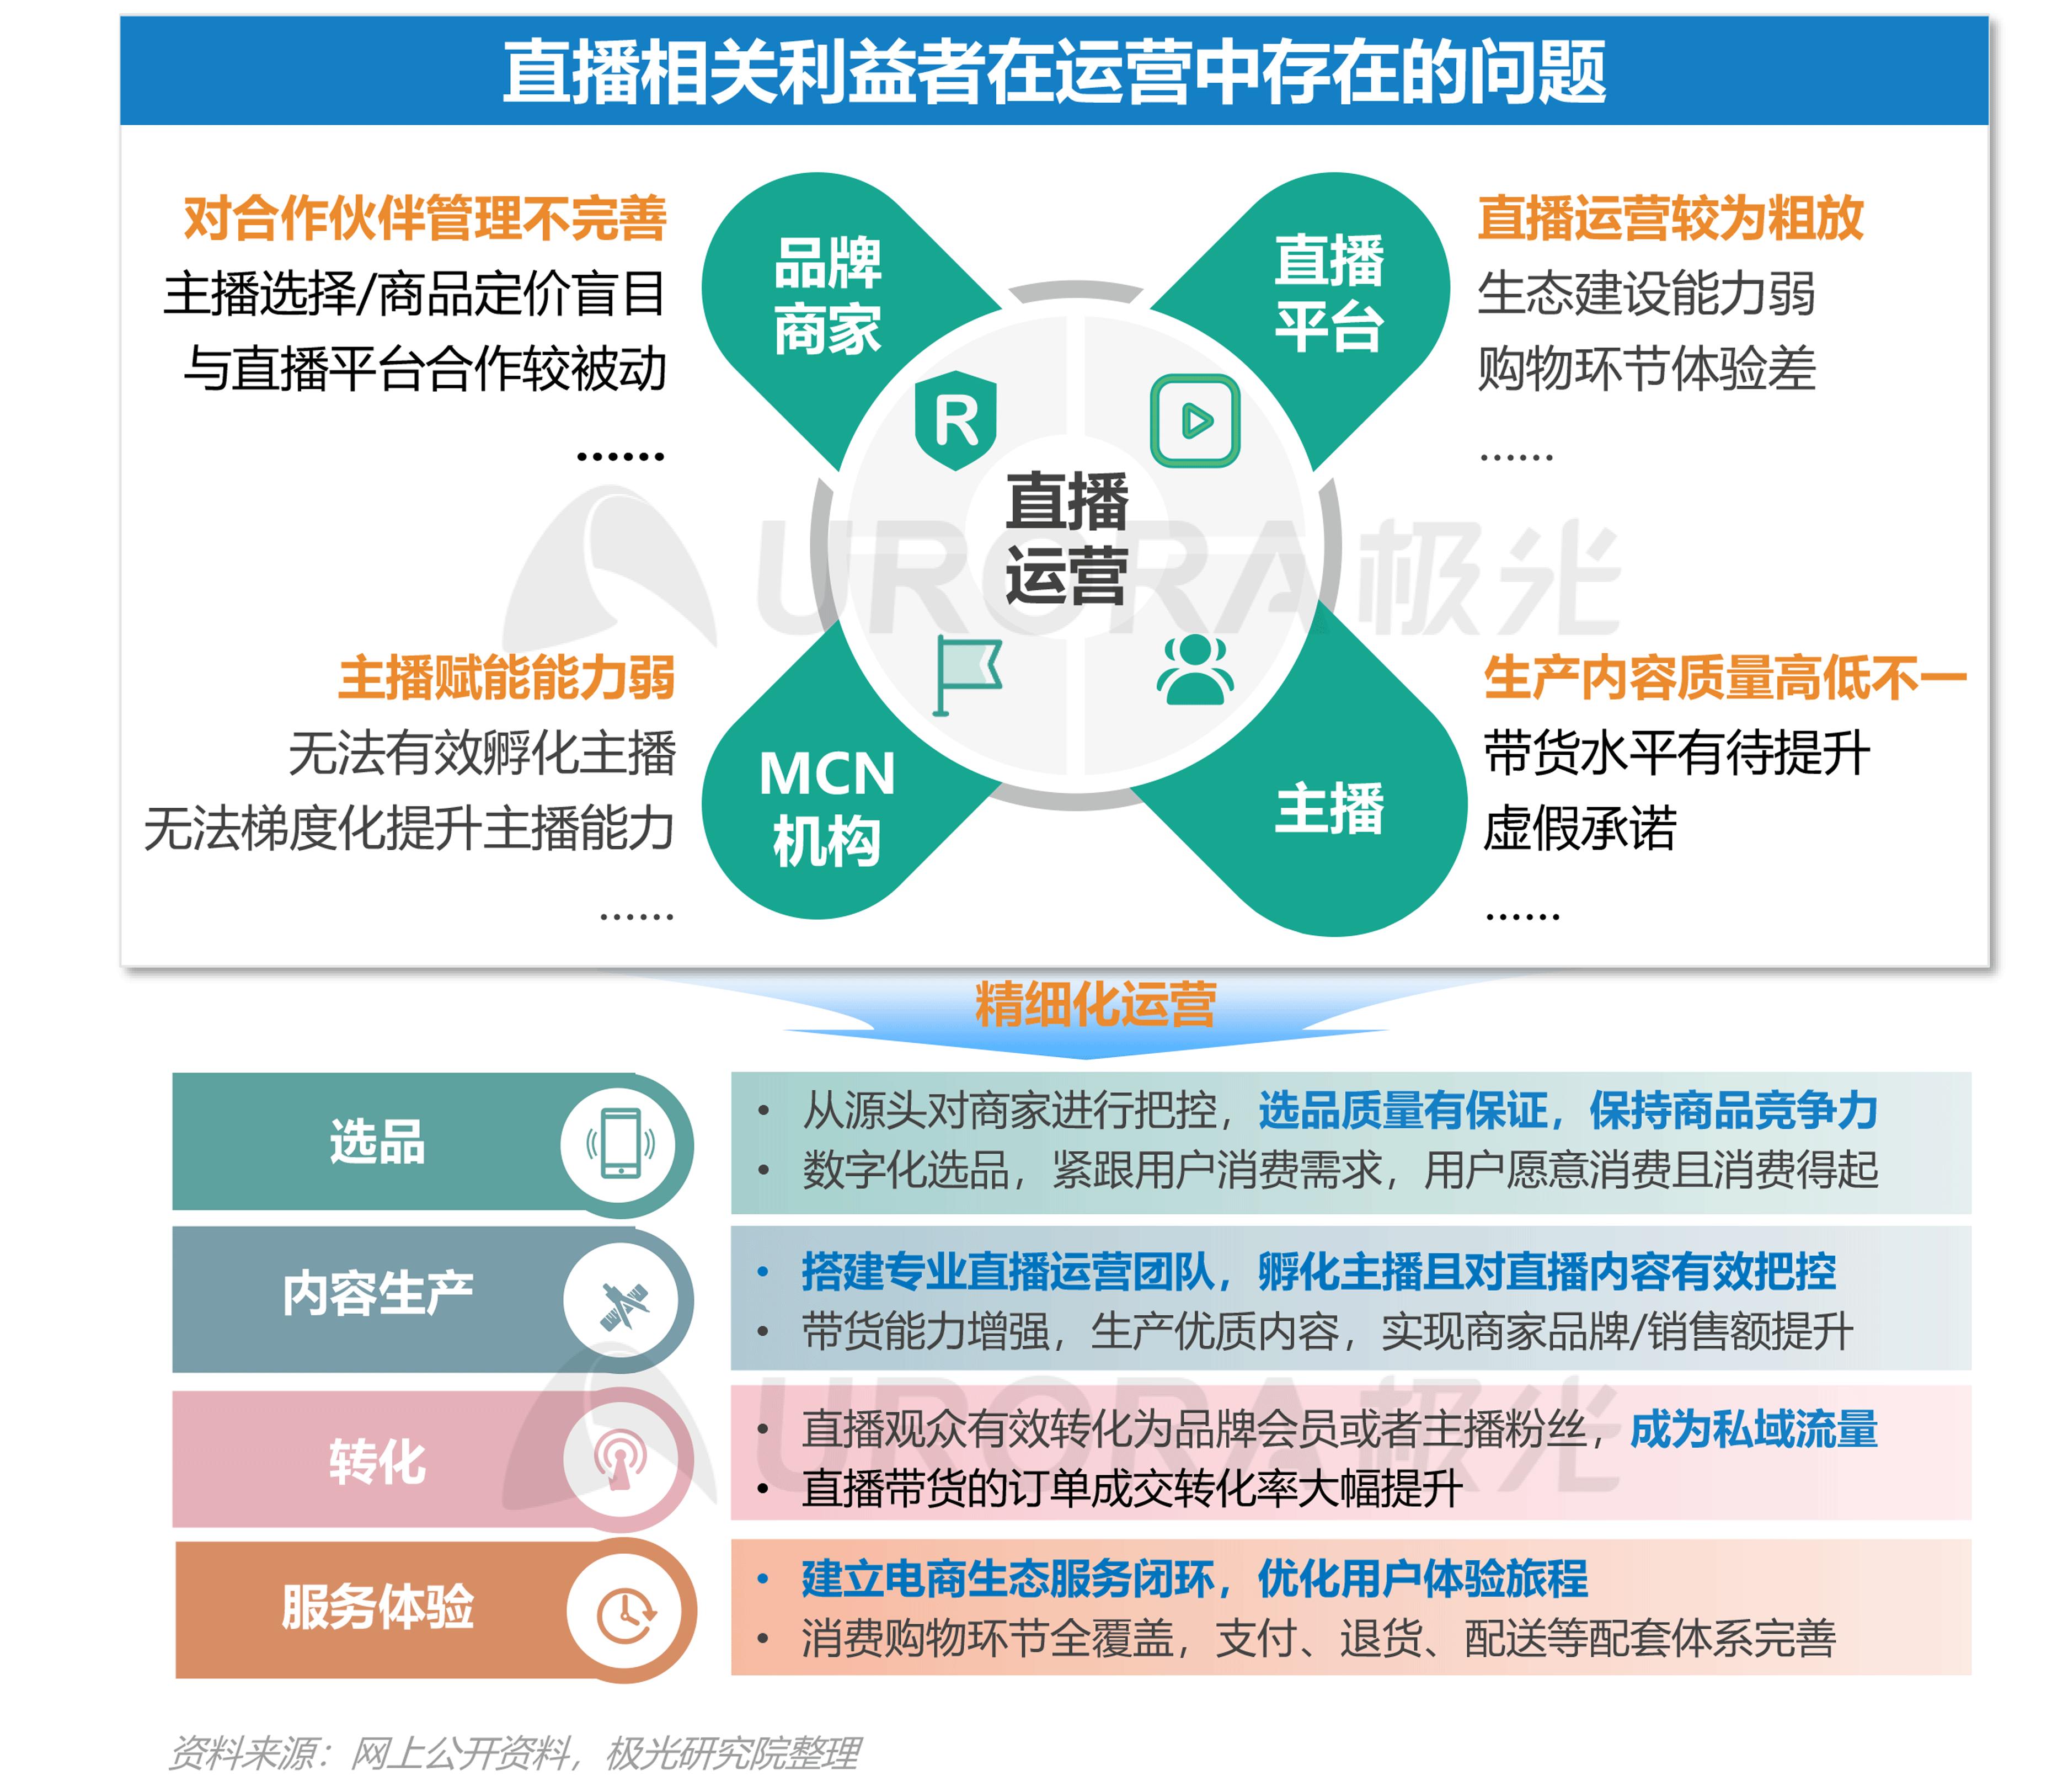 极光:双十一电商报告 (19).png